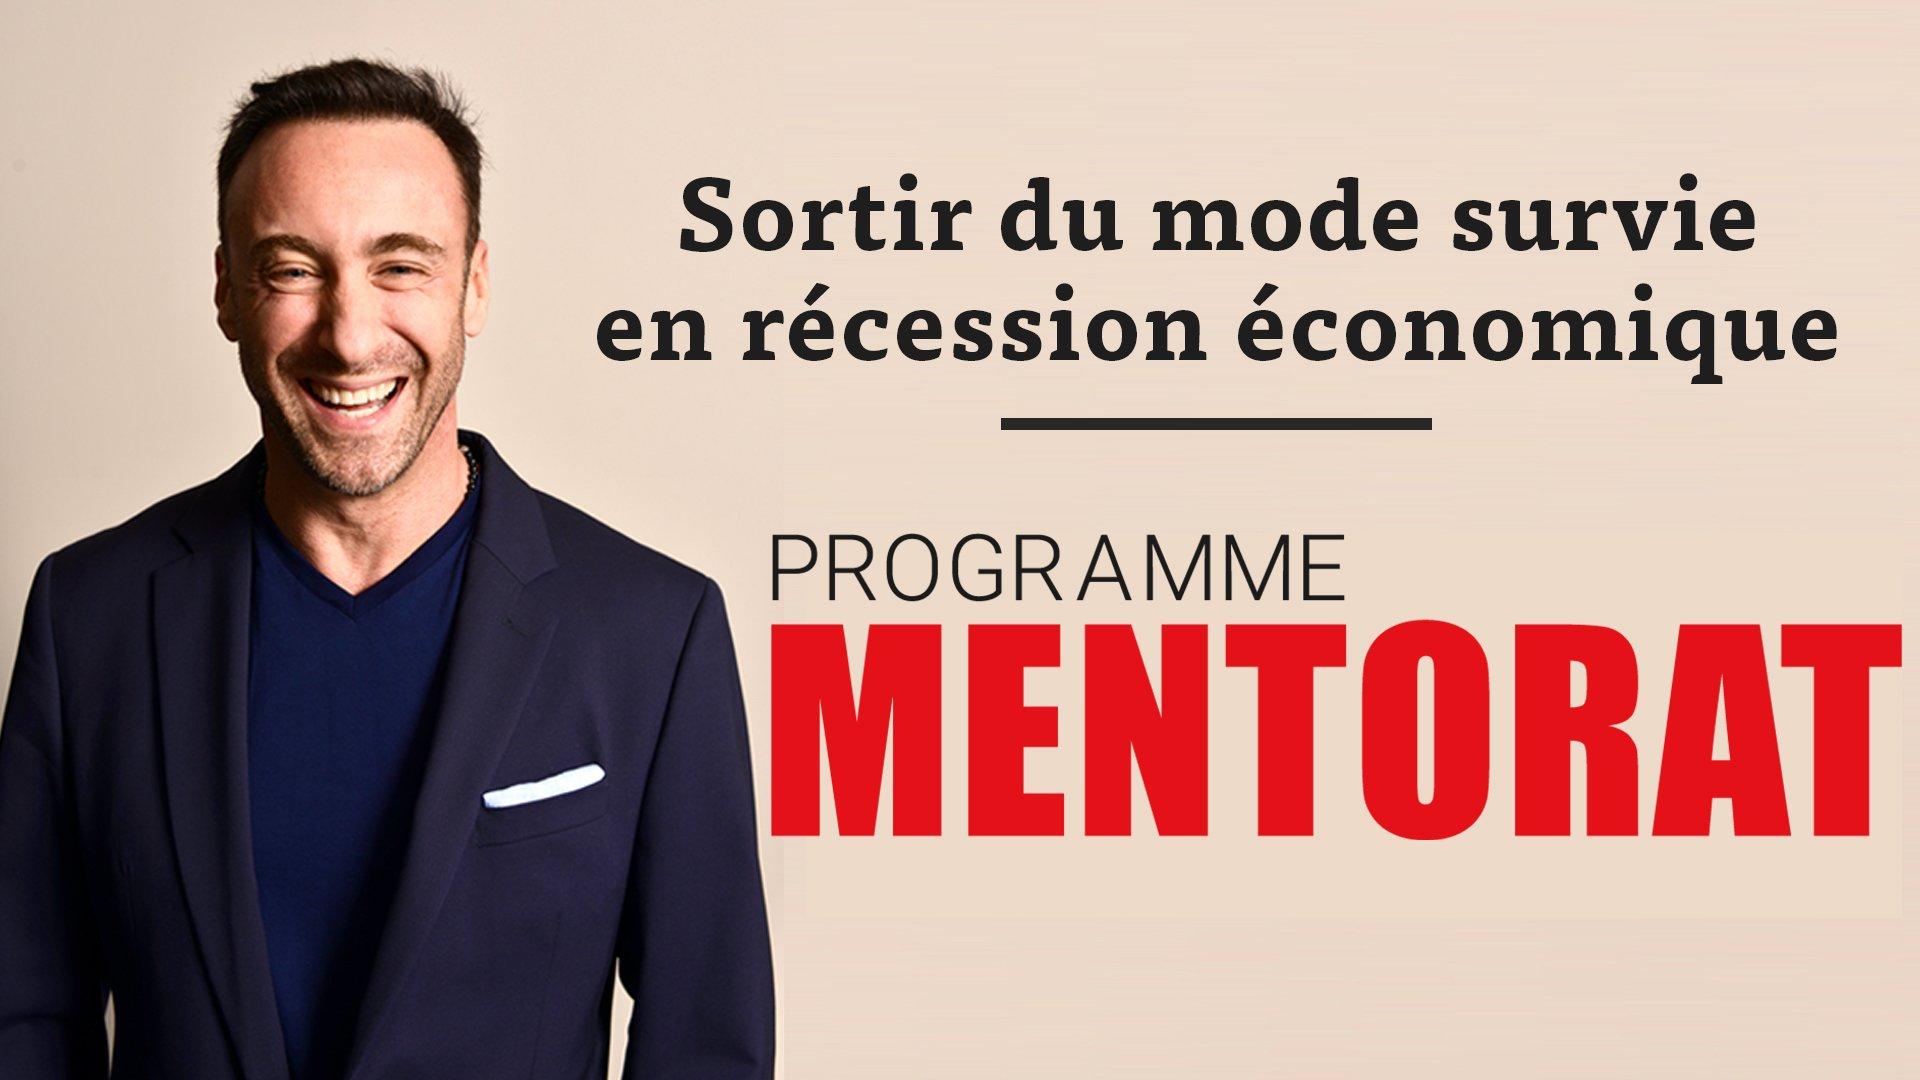 vignette du programme mentorat